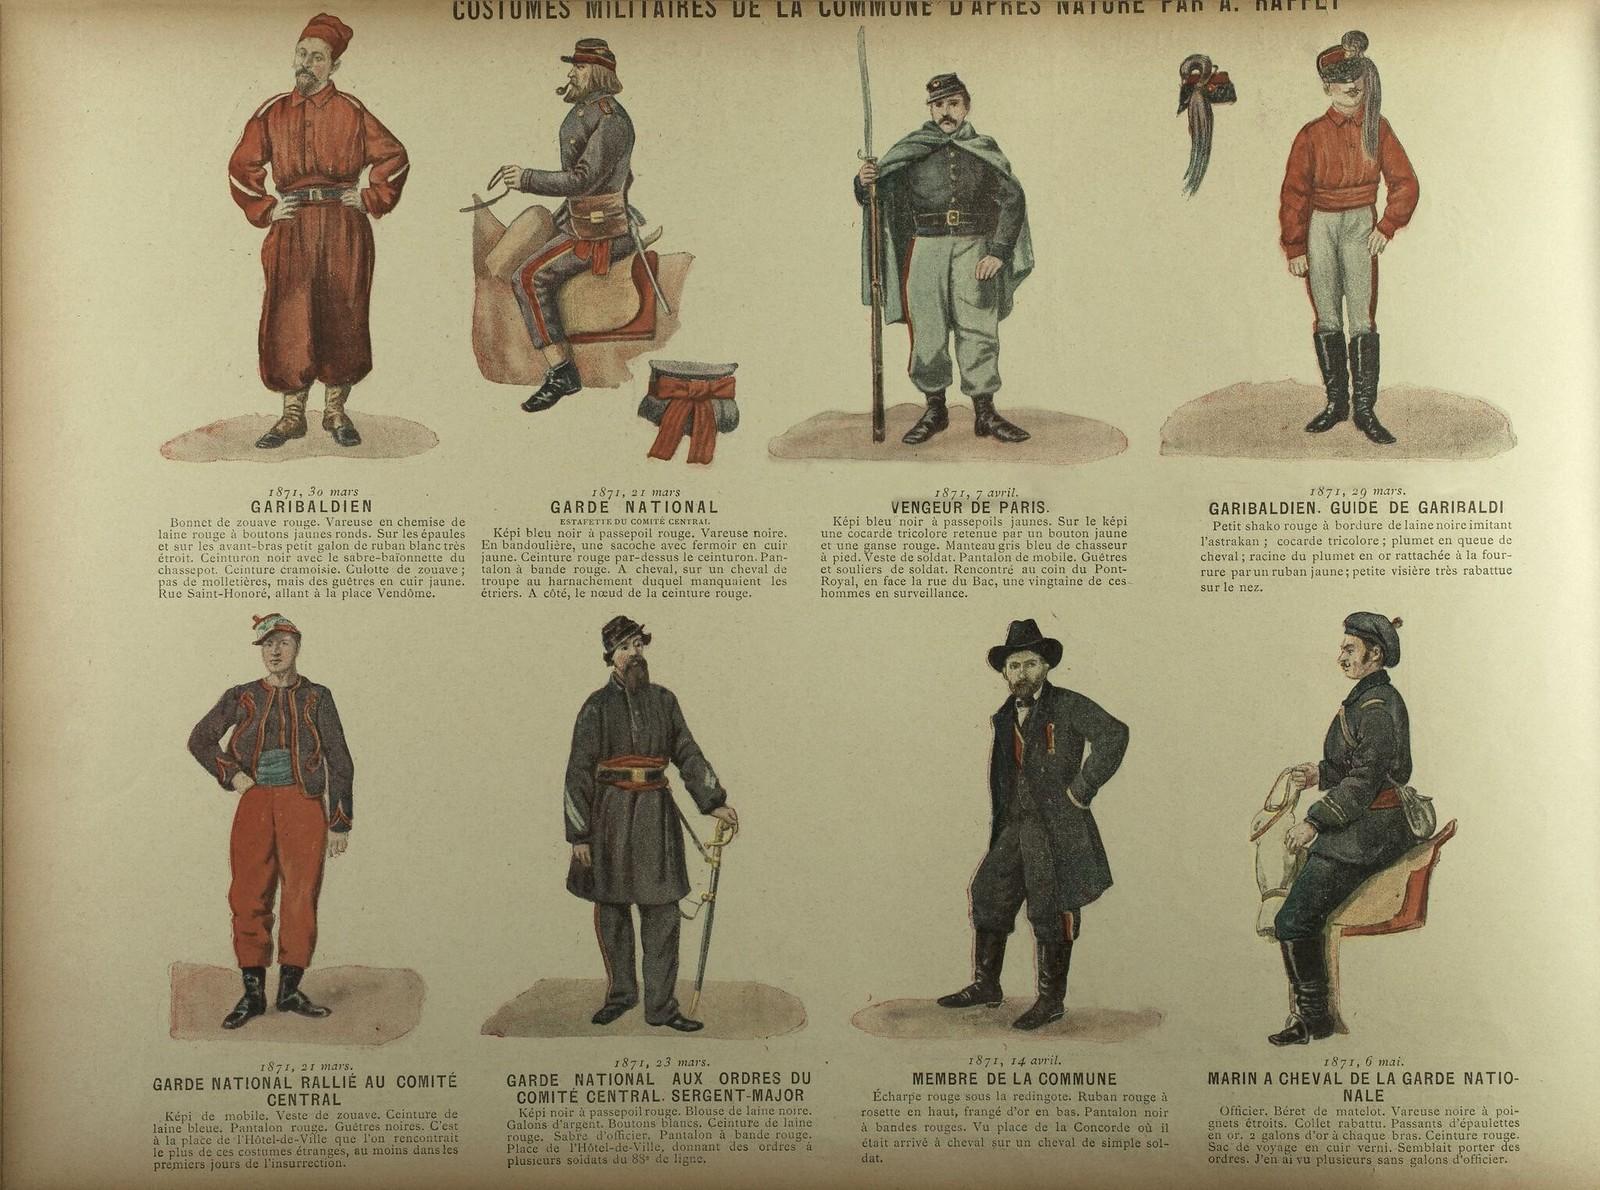 Рисунки различной формы войск Французской Коммуны в марте-мае 1871